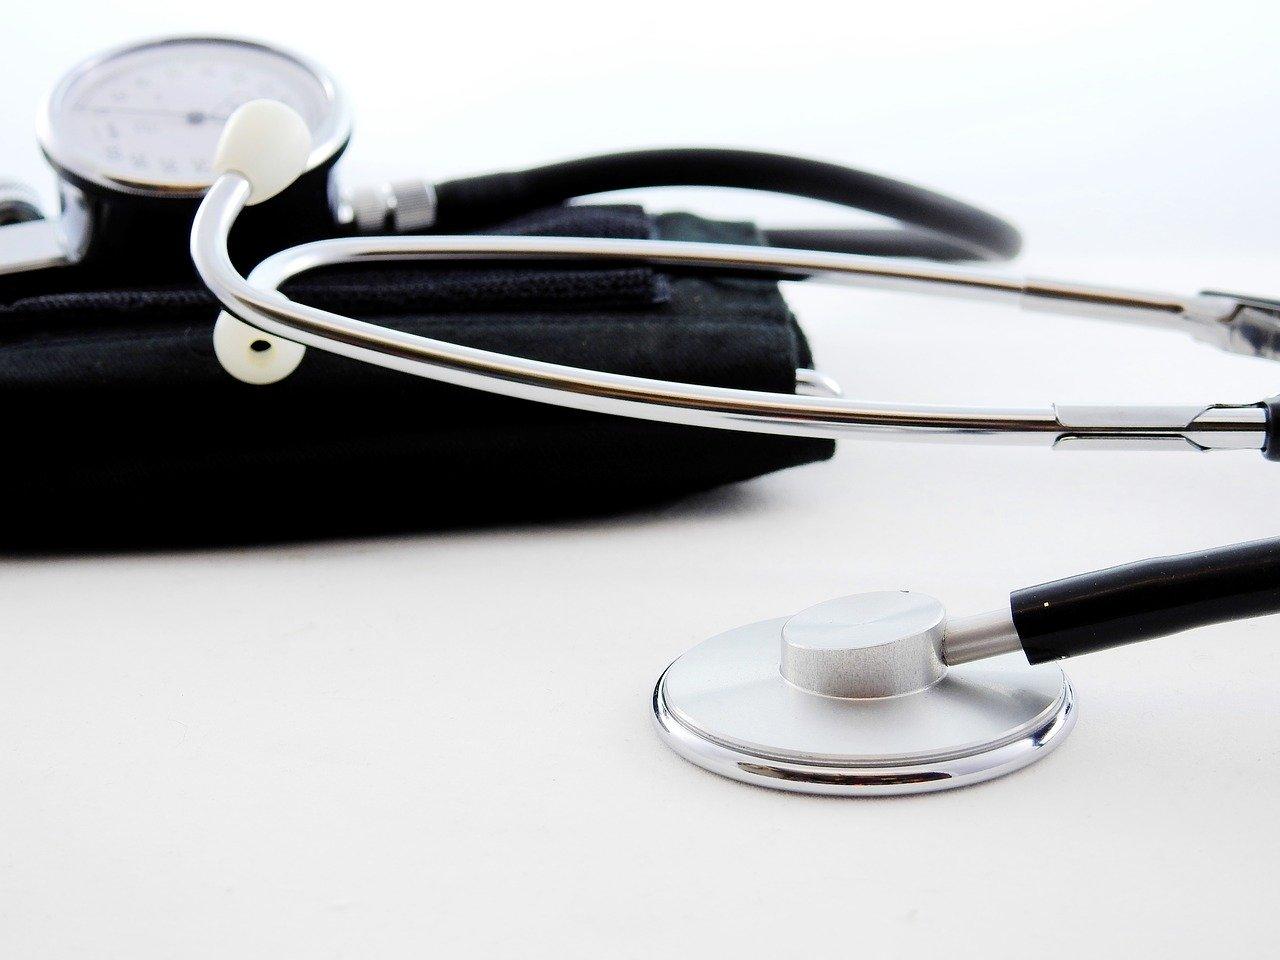 medicina medicos sanidad salud